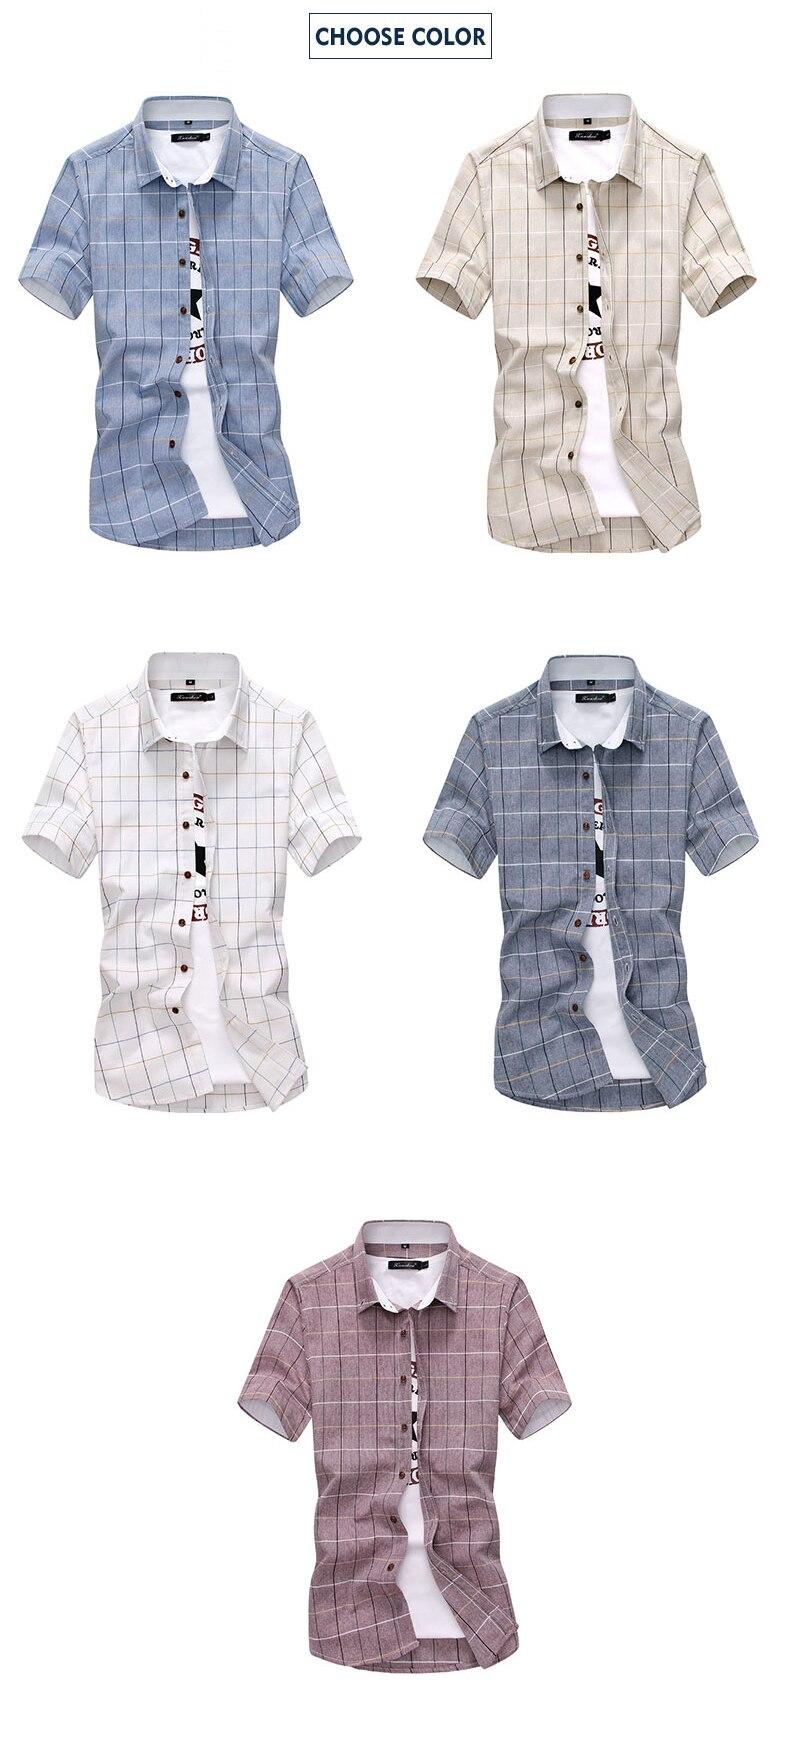 Plaid shirts Men 19 New Fashion 100% Cotton Short Sleeved Summer Casual Men Shirt camisa masculina Mens Dress Shirts 2